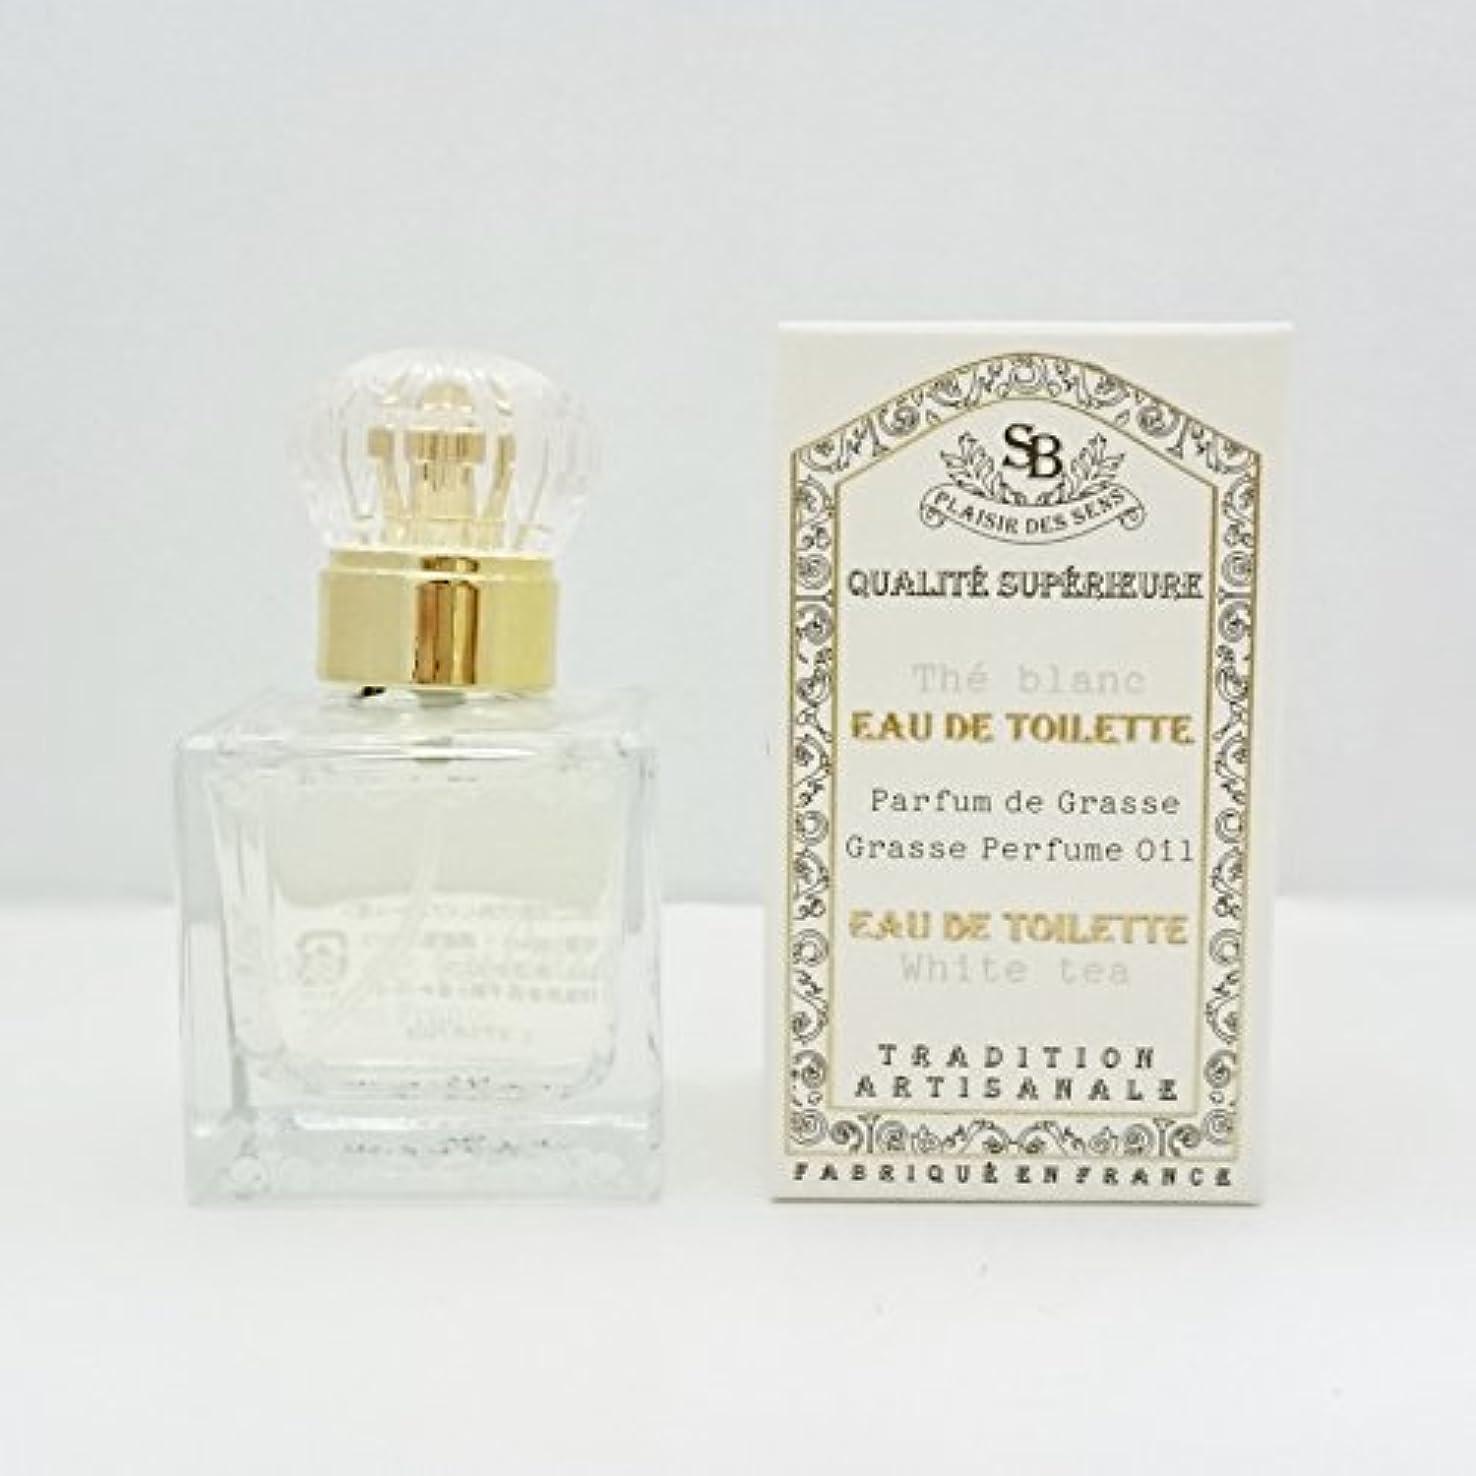 大量金銭的運ぶSenteur et Beaute(サンタールエボーテ) フレンチクラシックシリーズ オードトワレ 30ml 「ホワイトティー」 4994228021908